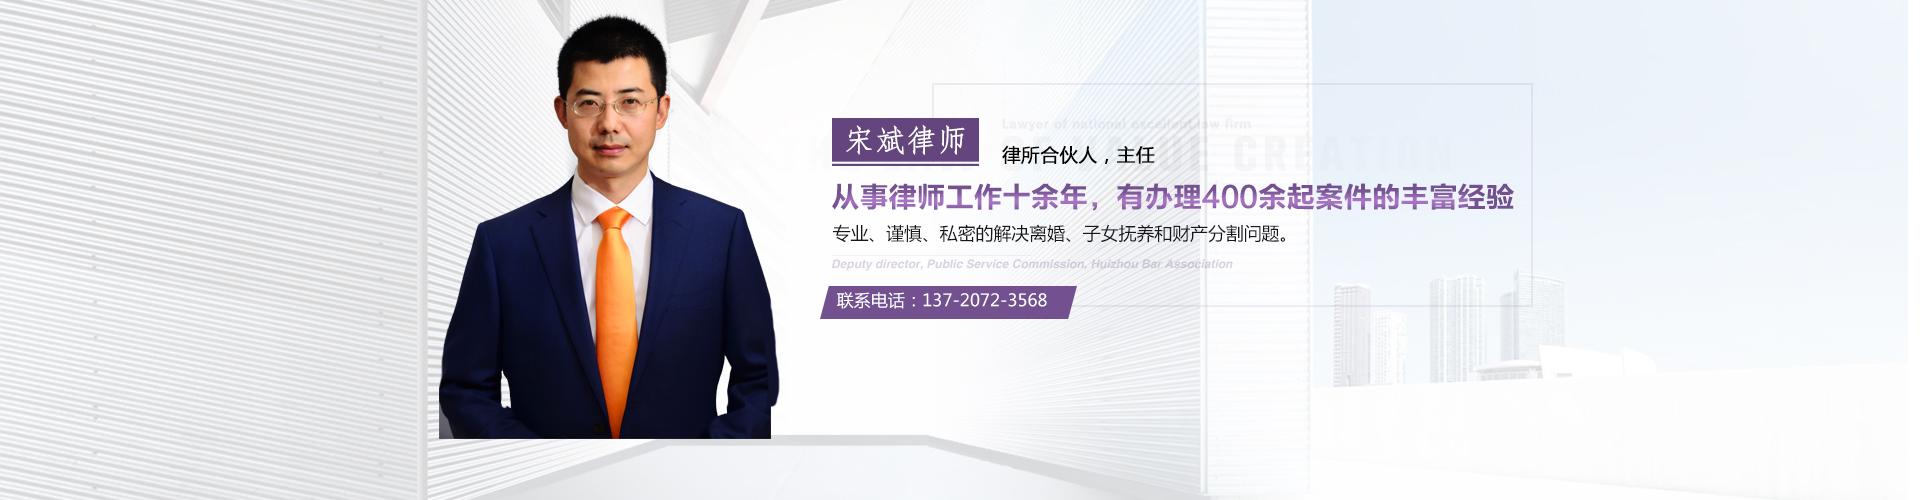 西安专业离婚律师网